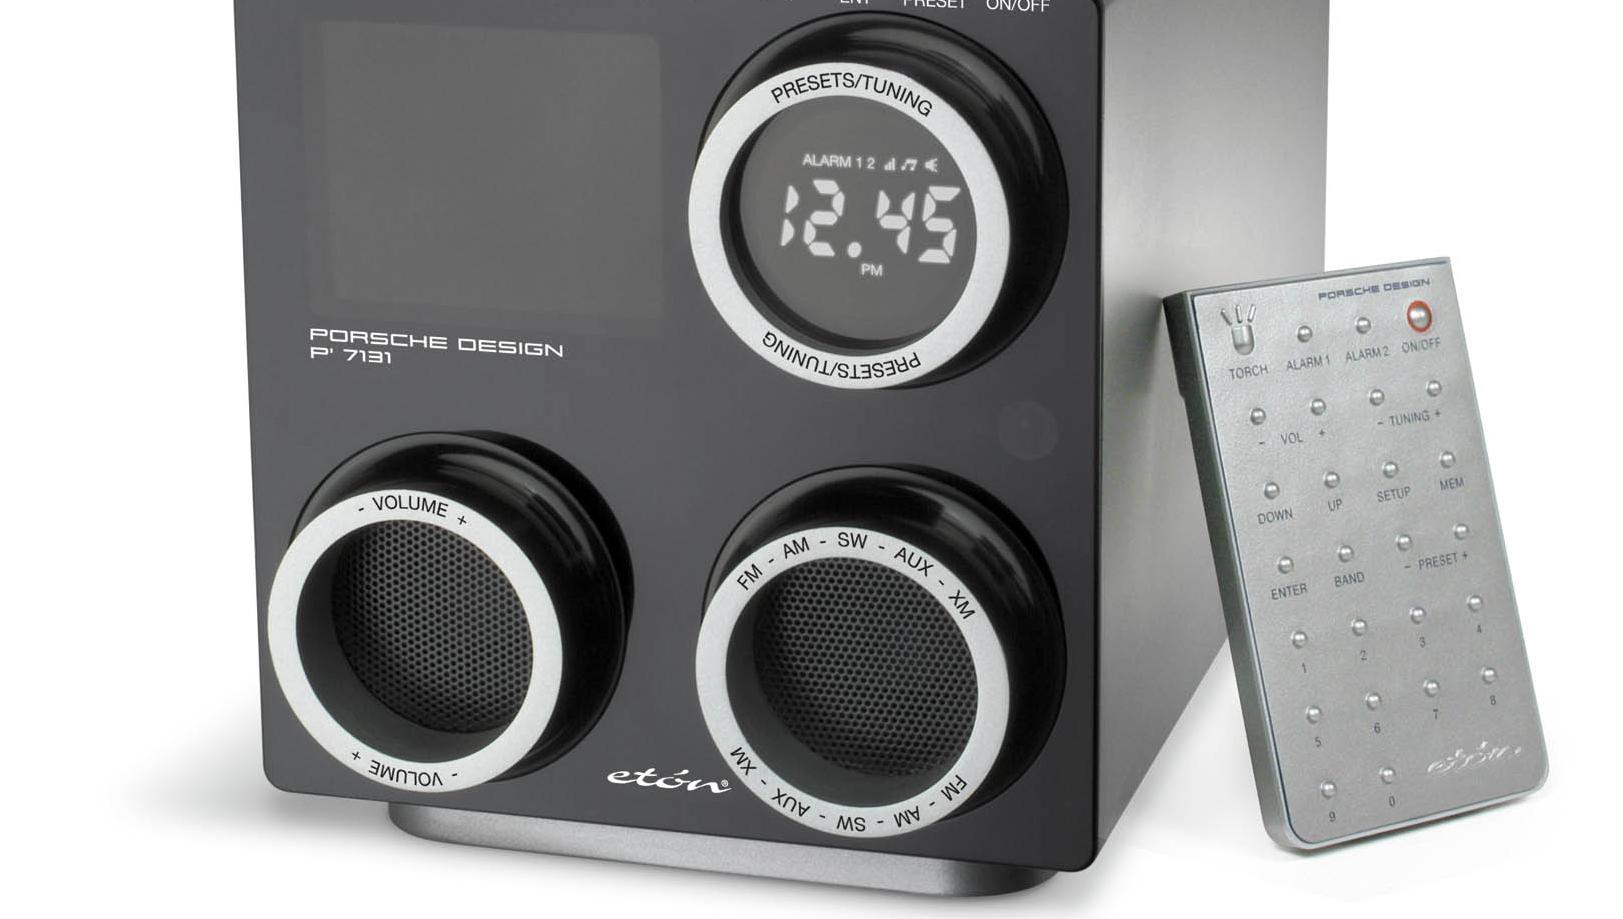 STEILE FRONTER: Det hardner til i den norske DAB-debatten, her illustrert ved en DAB-radio i Porsche-design.